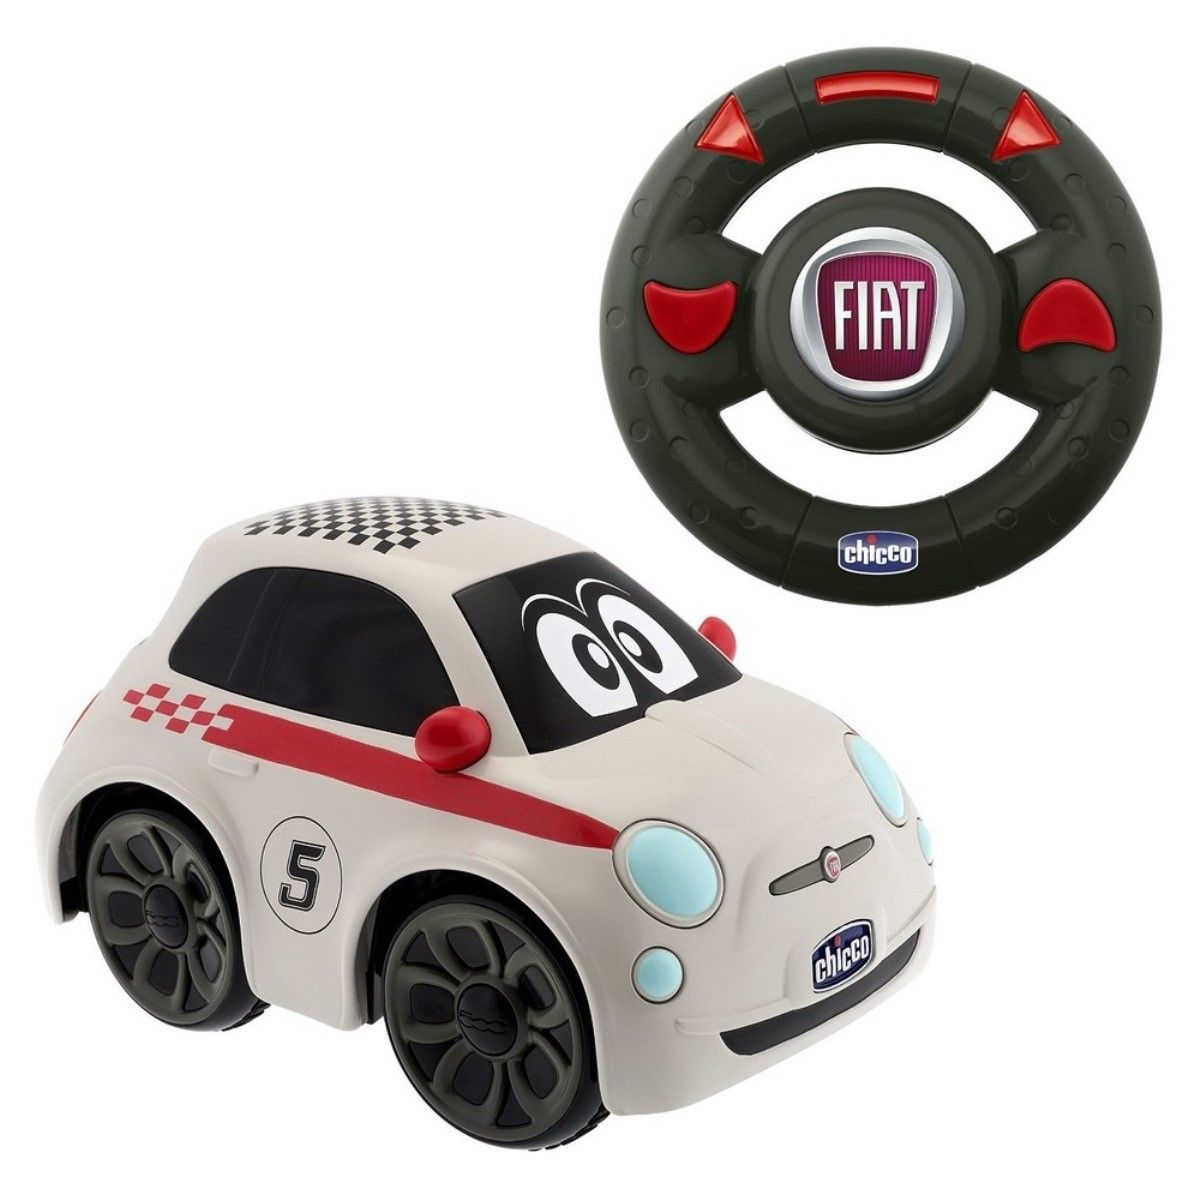 Chicco RC Autíčko Fiat 500 na dálkové ovládání